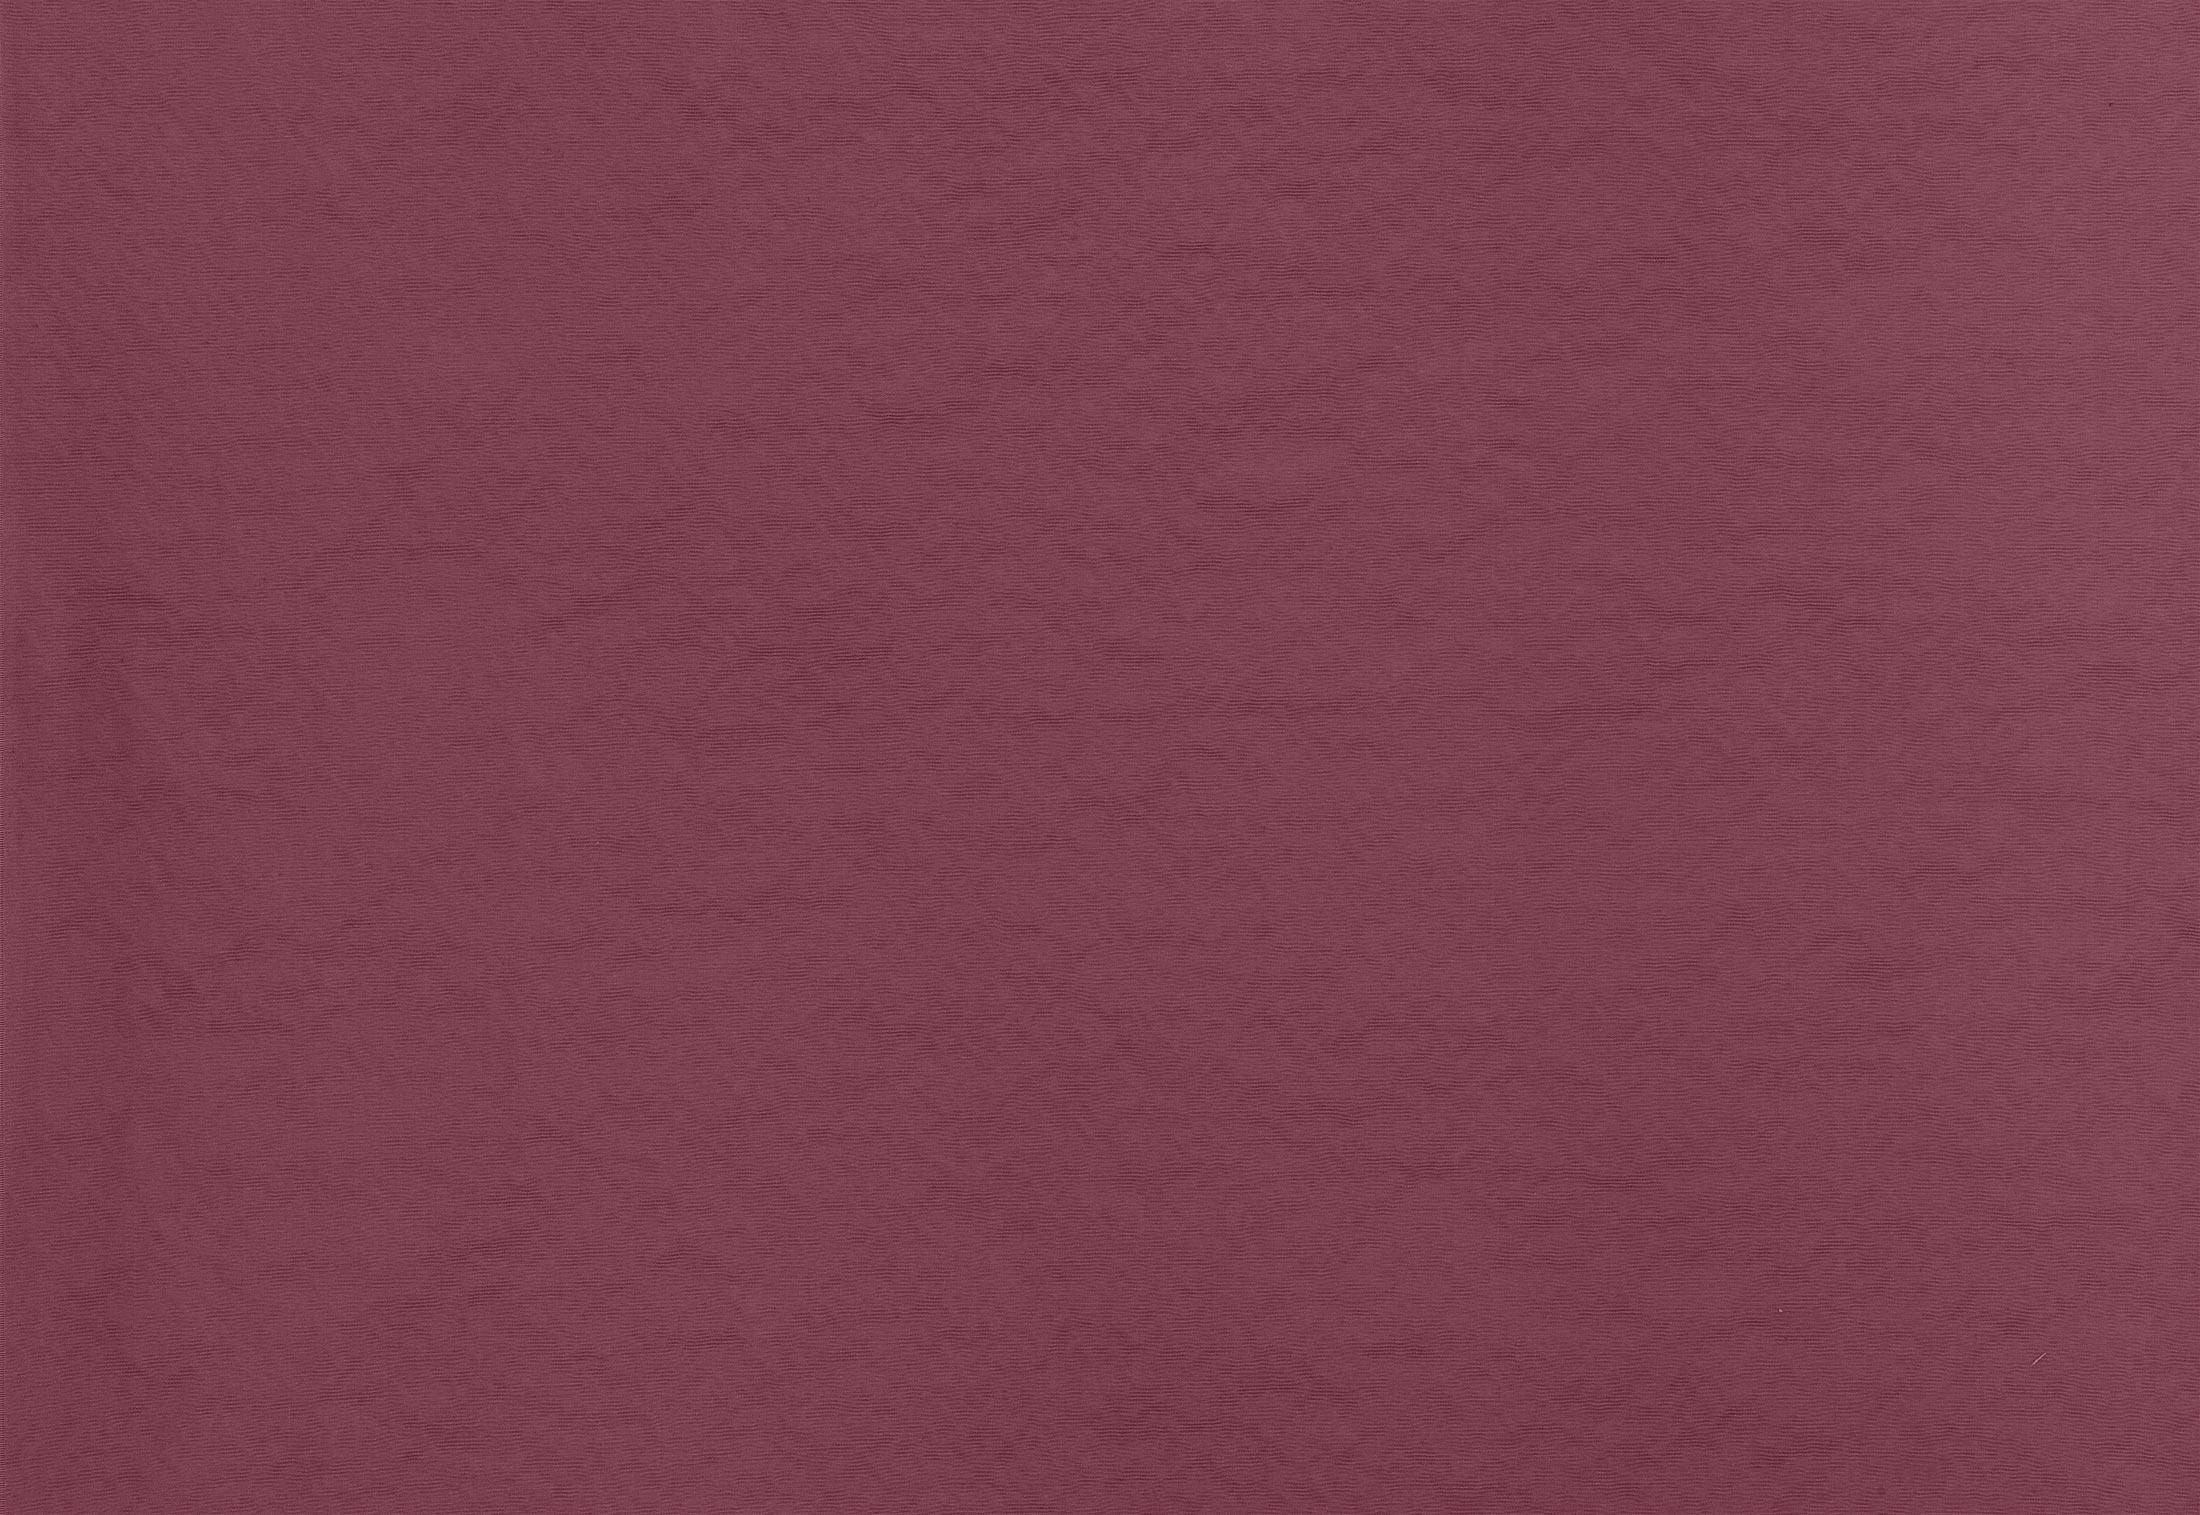 Rottöne Farbpalette solido rottöne von sahco | stylepark